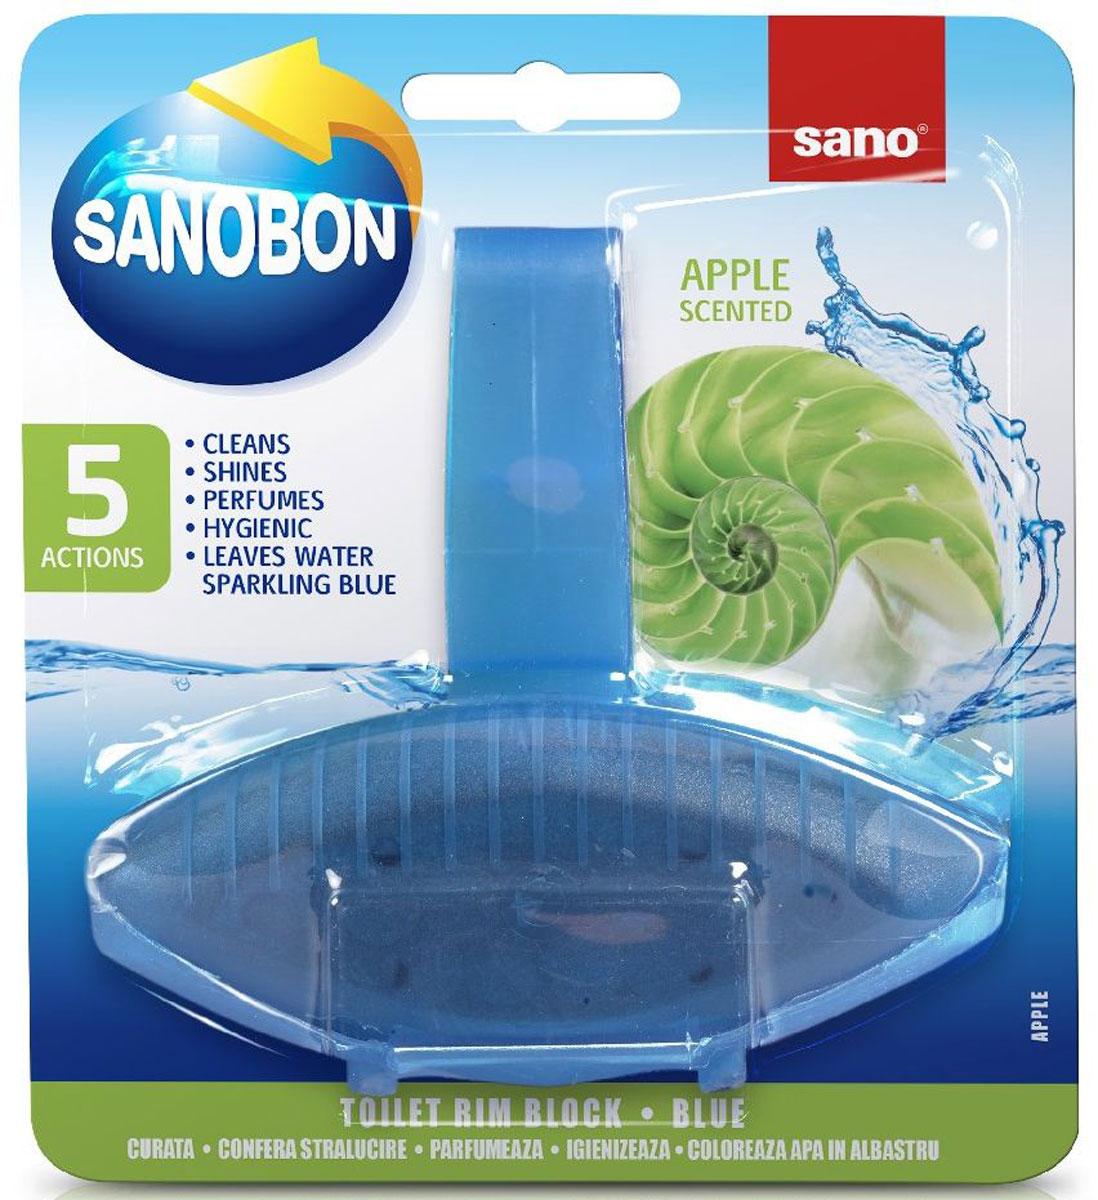 Подвеска для унитаза Sano Sanobon Blue. Apple, классическая, 55 г600087Подвеска для унитаза Sano Sanobon Blue. Apple имеет 5 функций: обладает гигиеническими свойствами, моет, придает блеск, освежает, окрашивает воду. Товар сертифицирован.Как выбрать качественную бытовую химию, безопасную для природы и людей. Статья OZON Гид